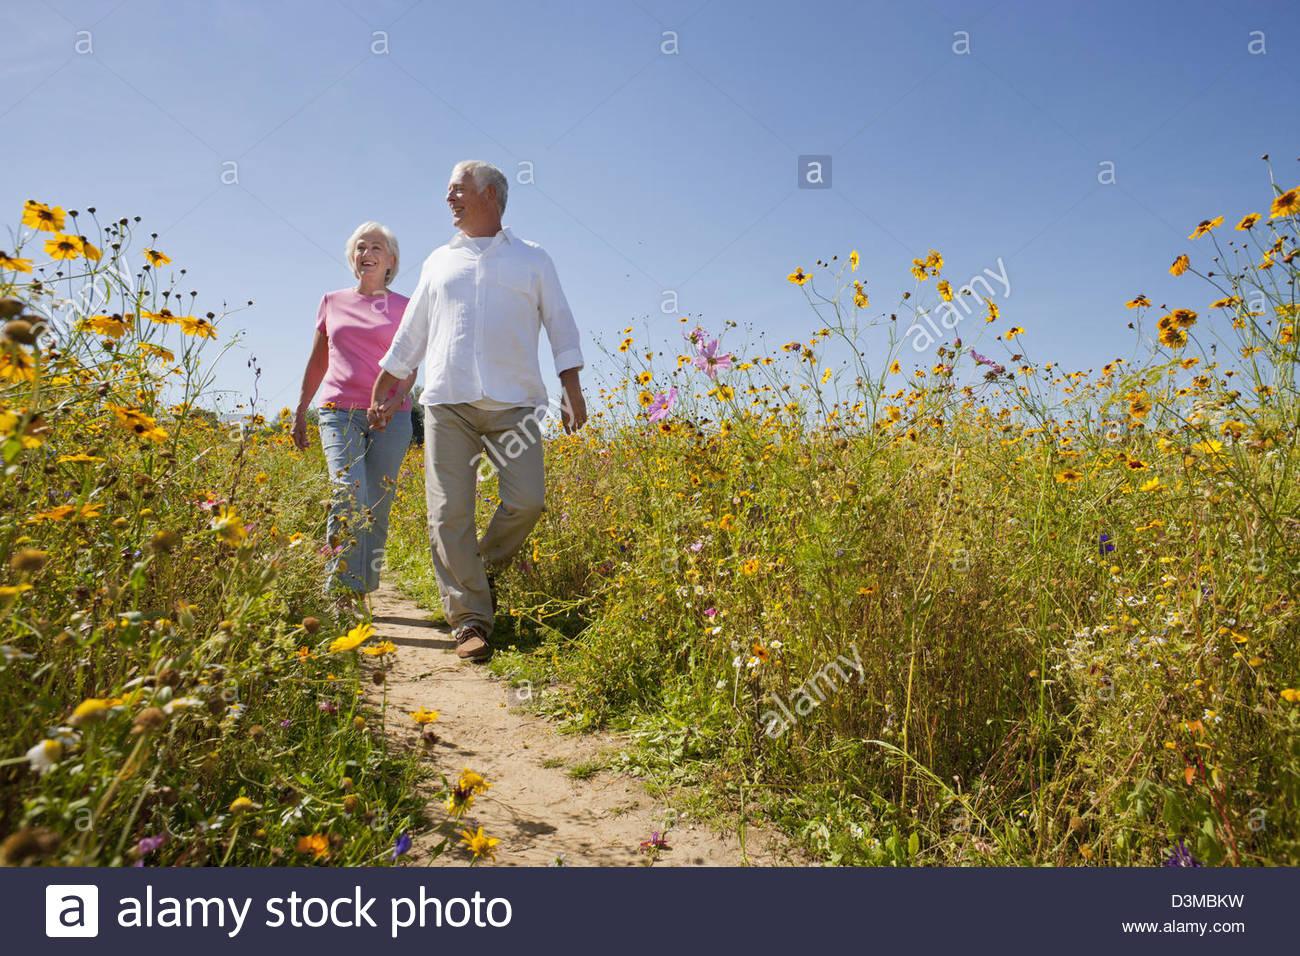 Smiling senior couple walking on path through wildflower meadow Stock Photo